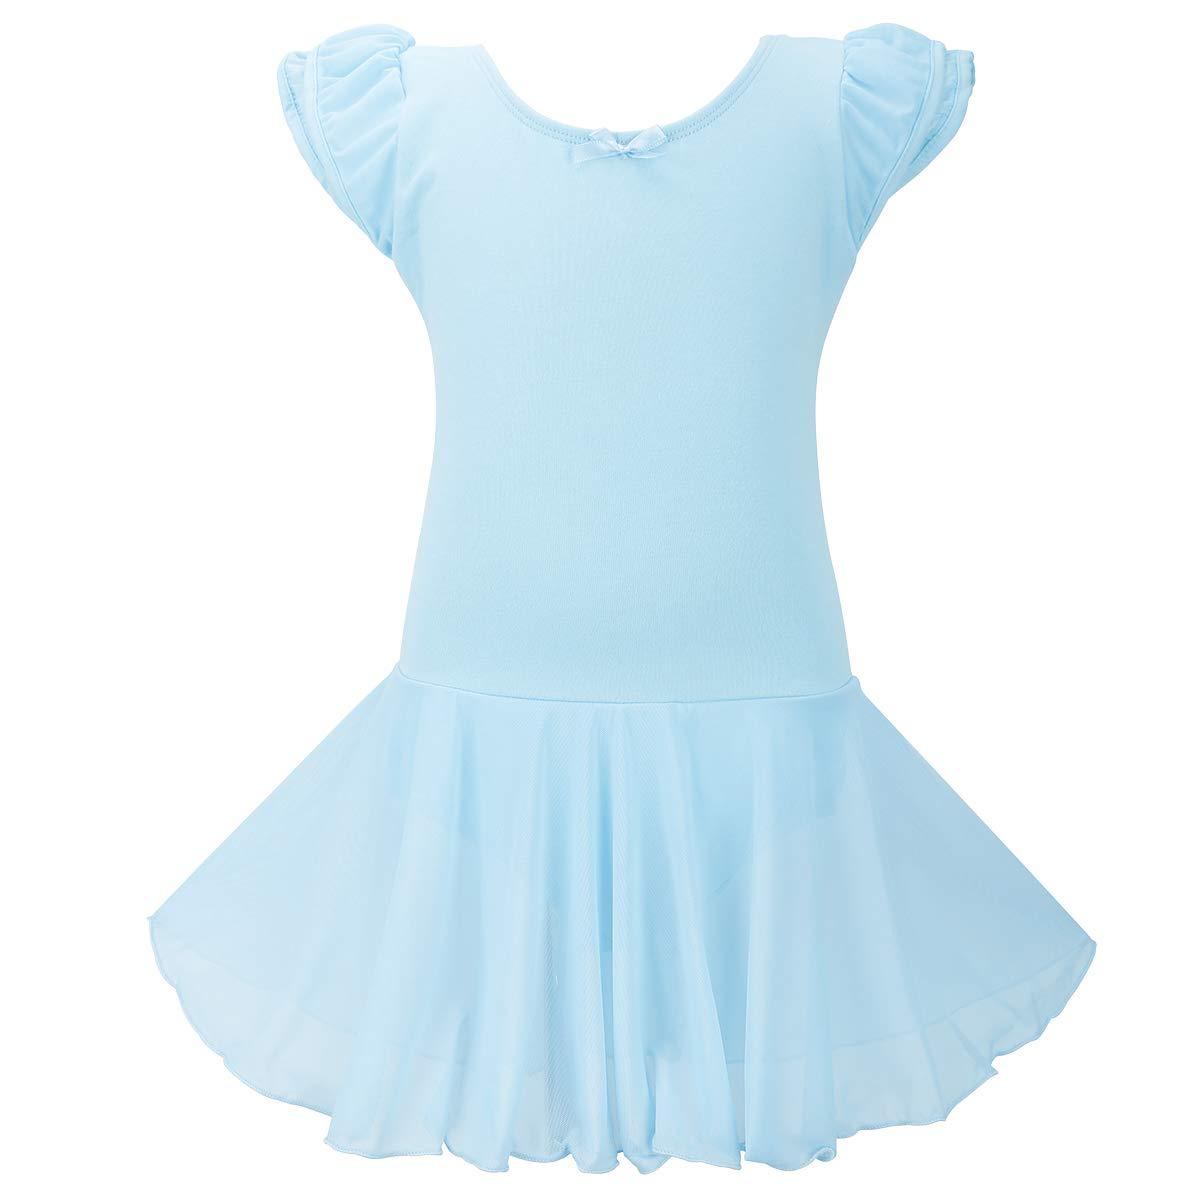 Jane Shine Girl Ballet Skirted Leotard, Flying Sleeve Cotton Ballet Dress with Tulle Skirt for Babies& Girls